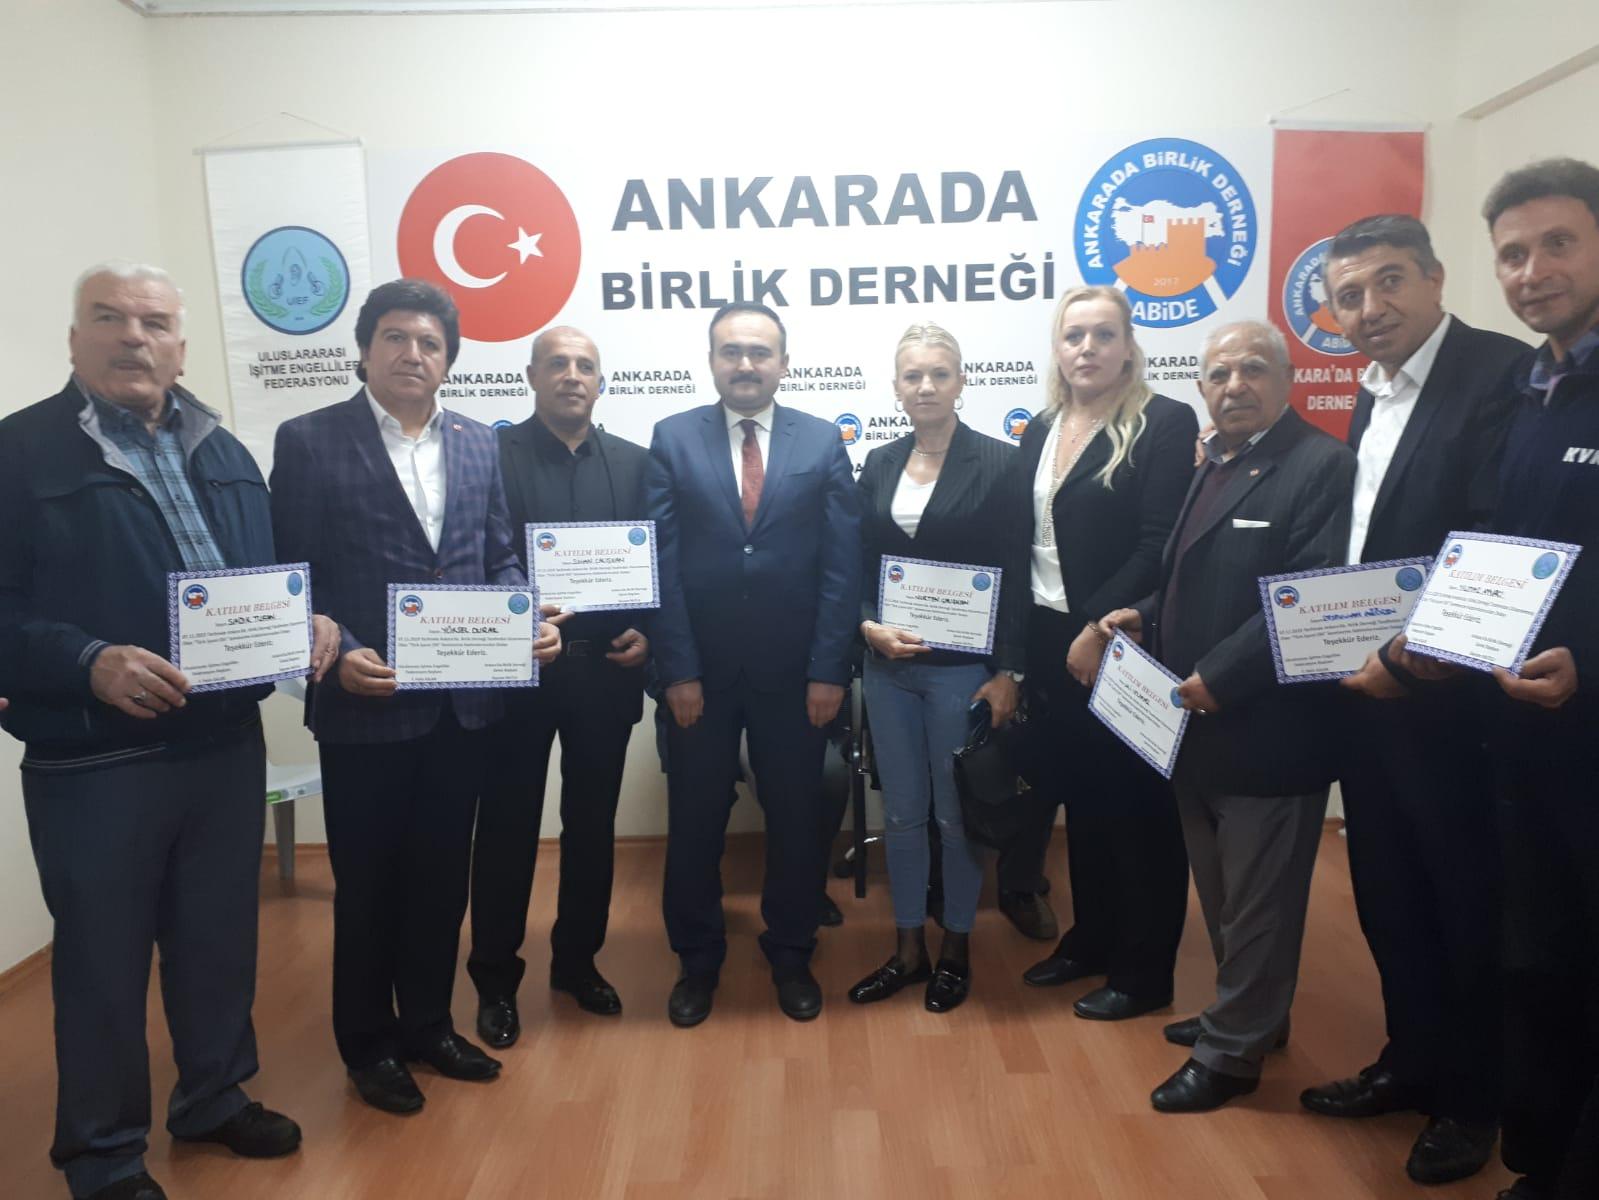 """Ankara'da  Birlik Derneği'nden """"Türk İşaret Dili Semineri"""""""